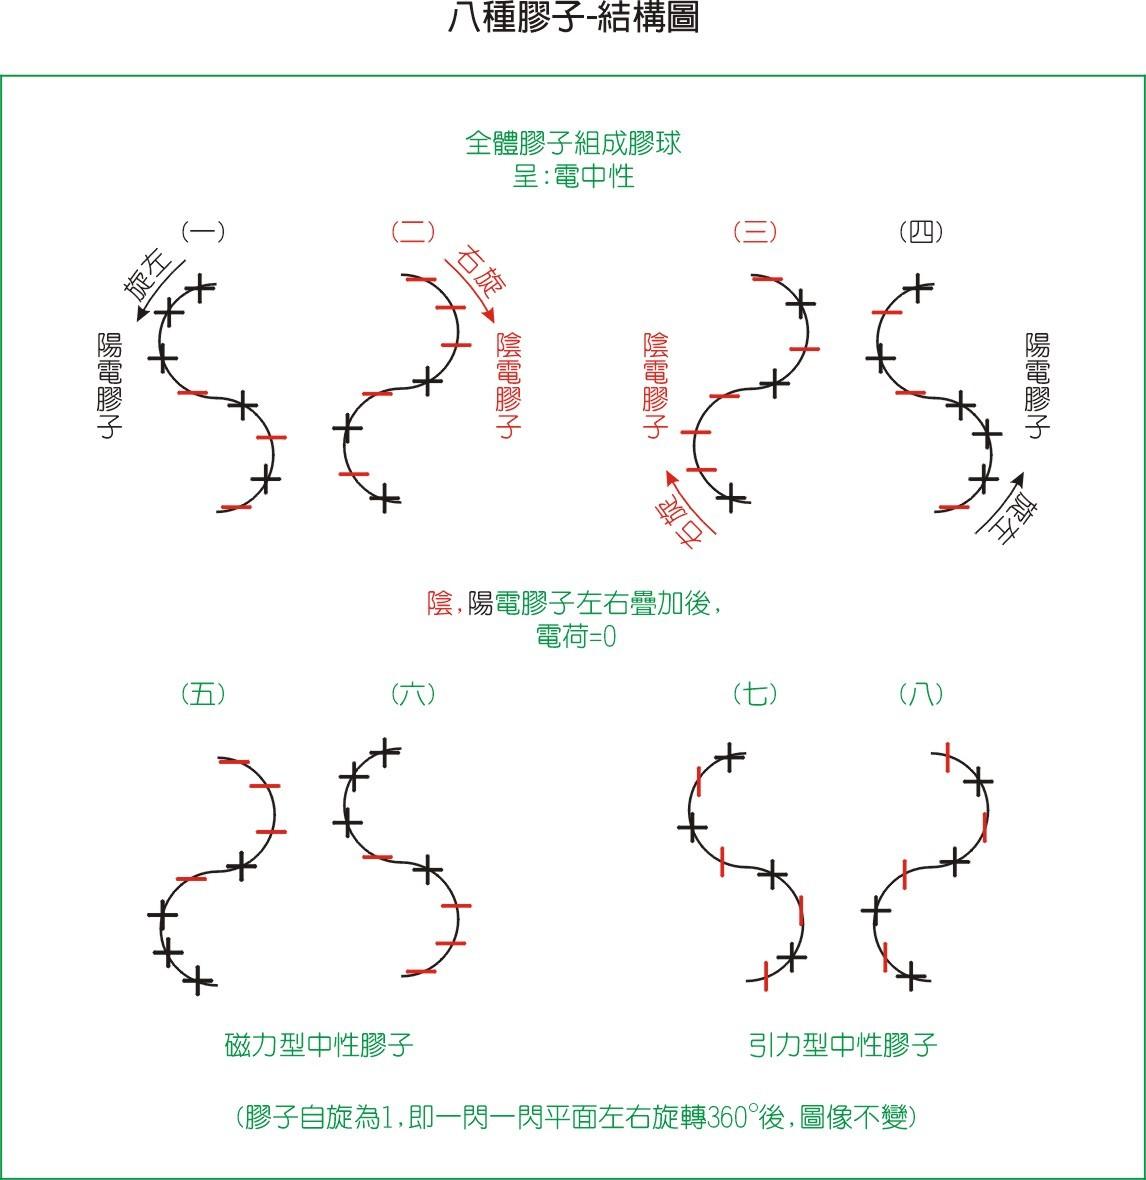 胶子-内部结构模型图